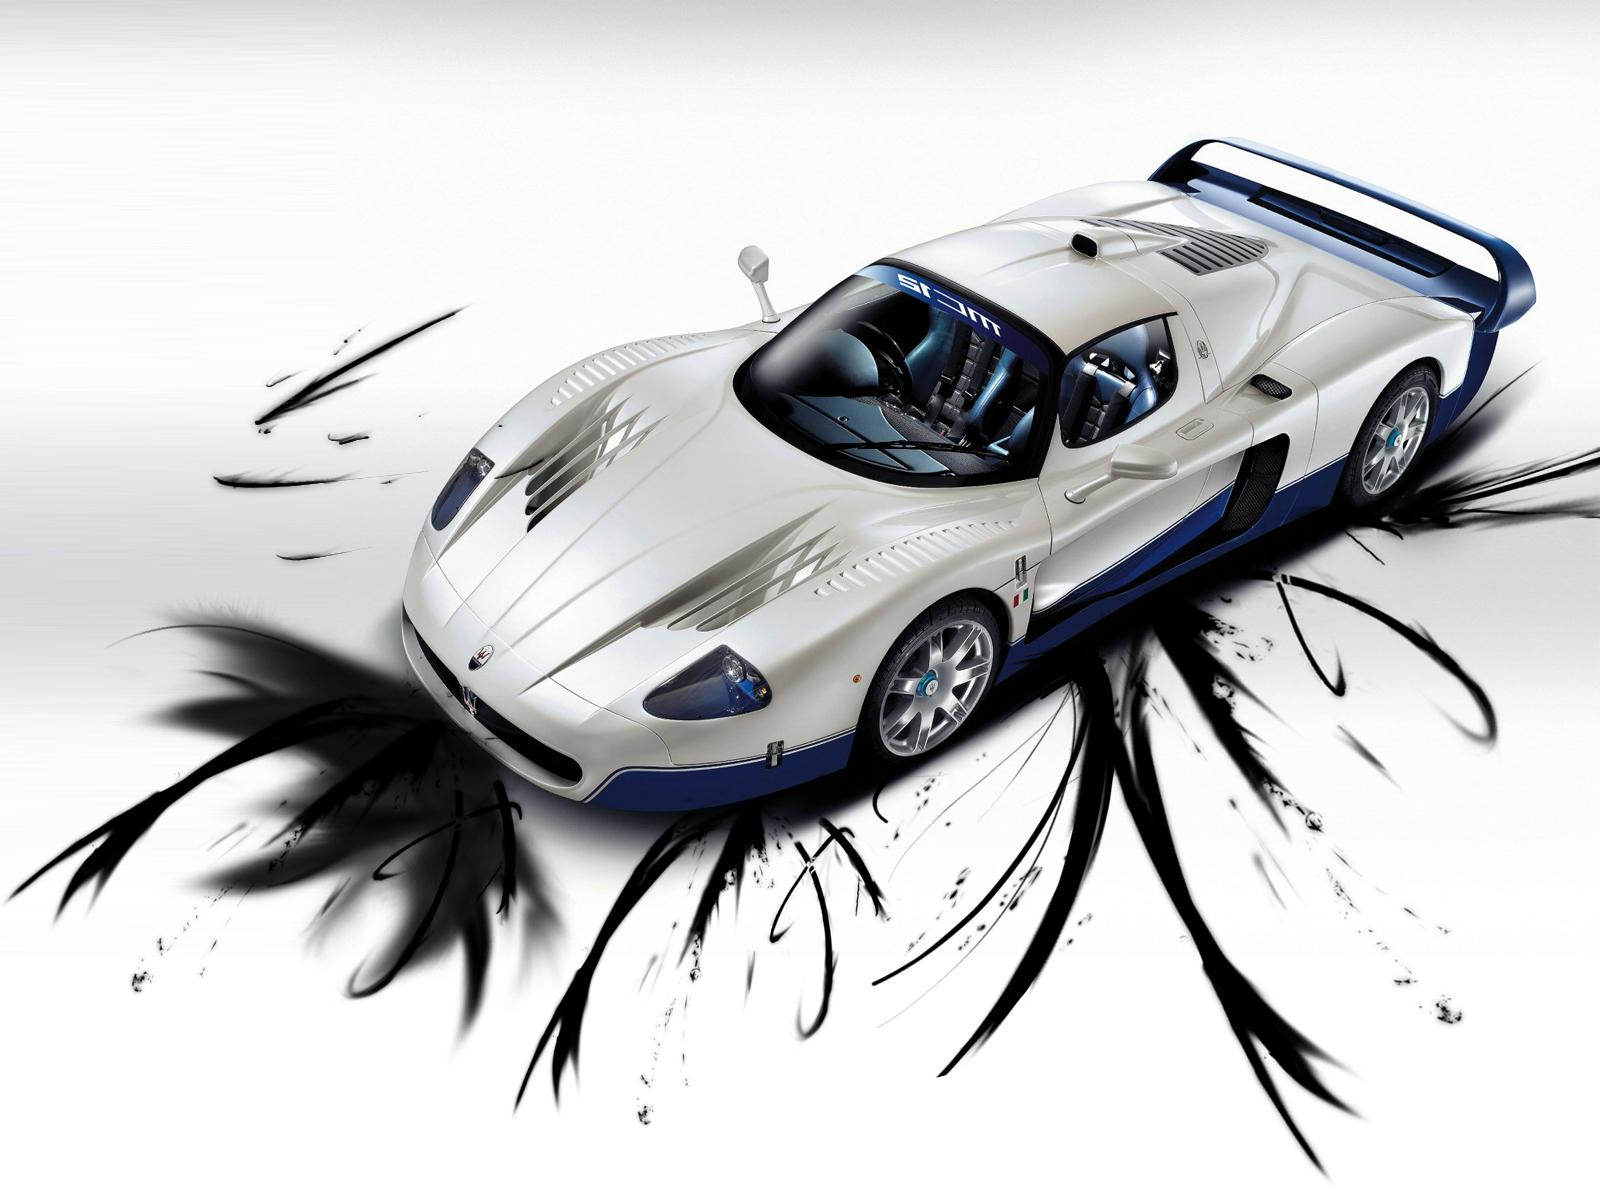 Car Wallpaper by Grafilabs